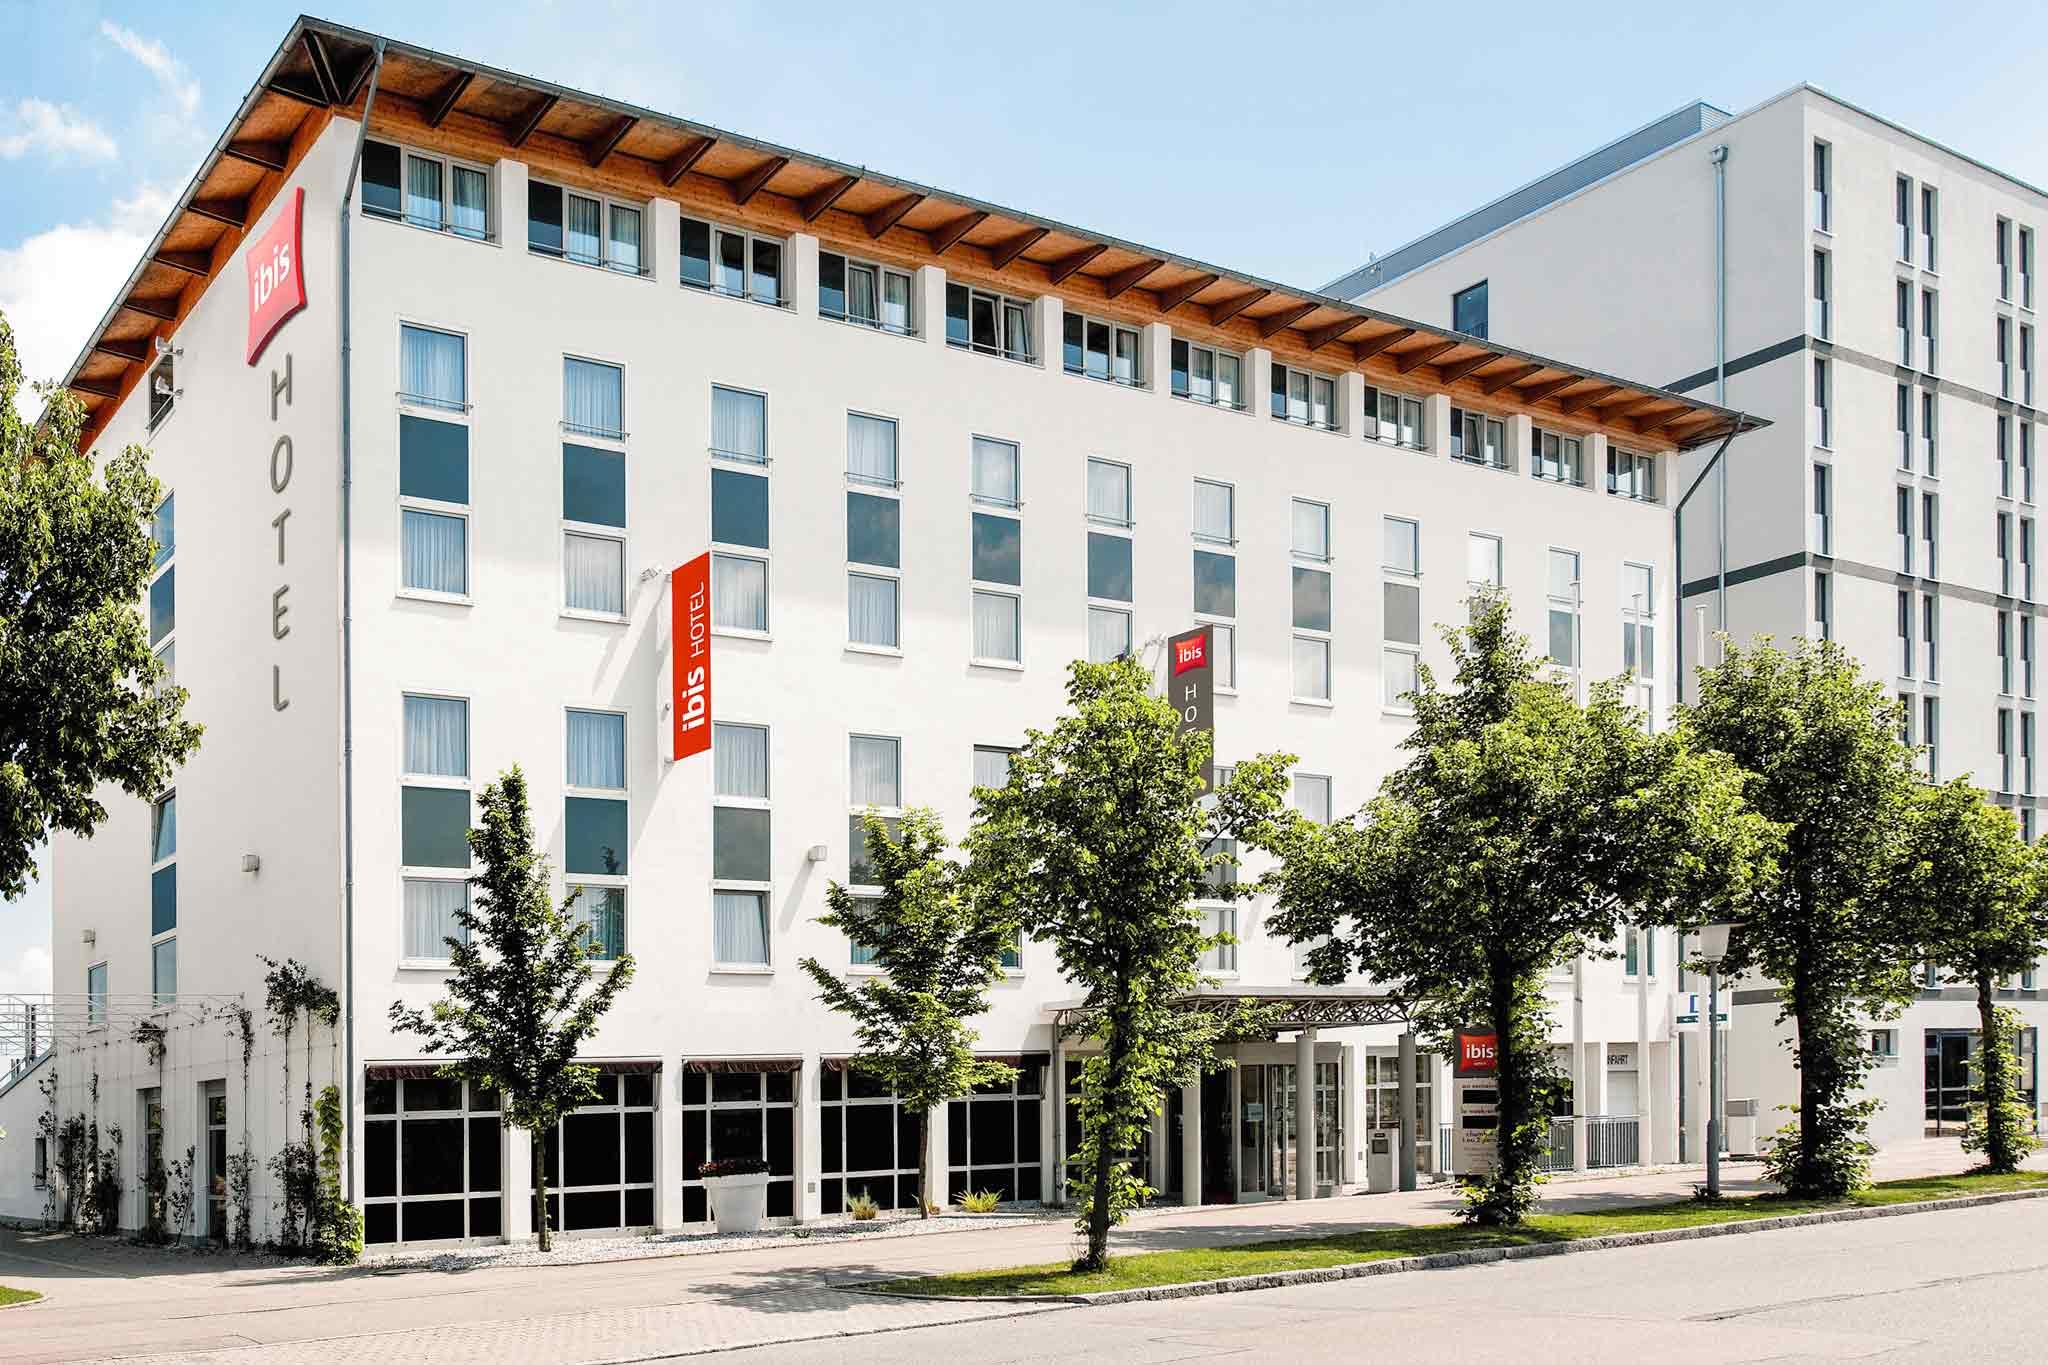 Ibis Hotel München Garching Außenansicht